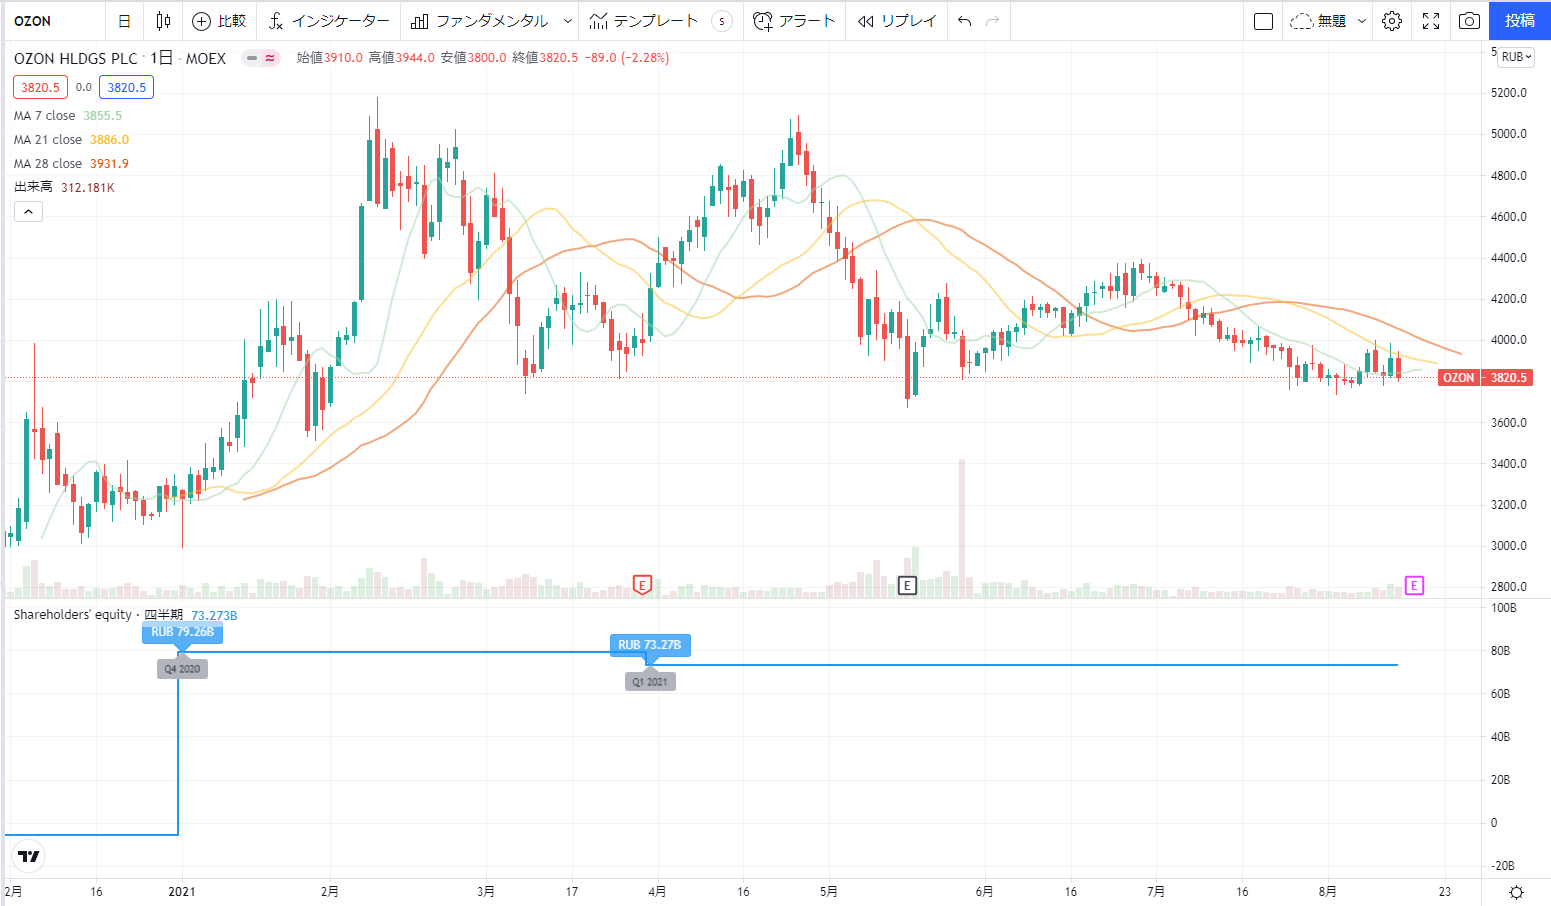 米国アメリカ株おすすめ新規上場銘柄(IPO)2020の12位: オゾンホールディングスPLC OZON株価チャート